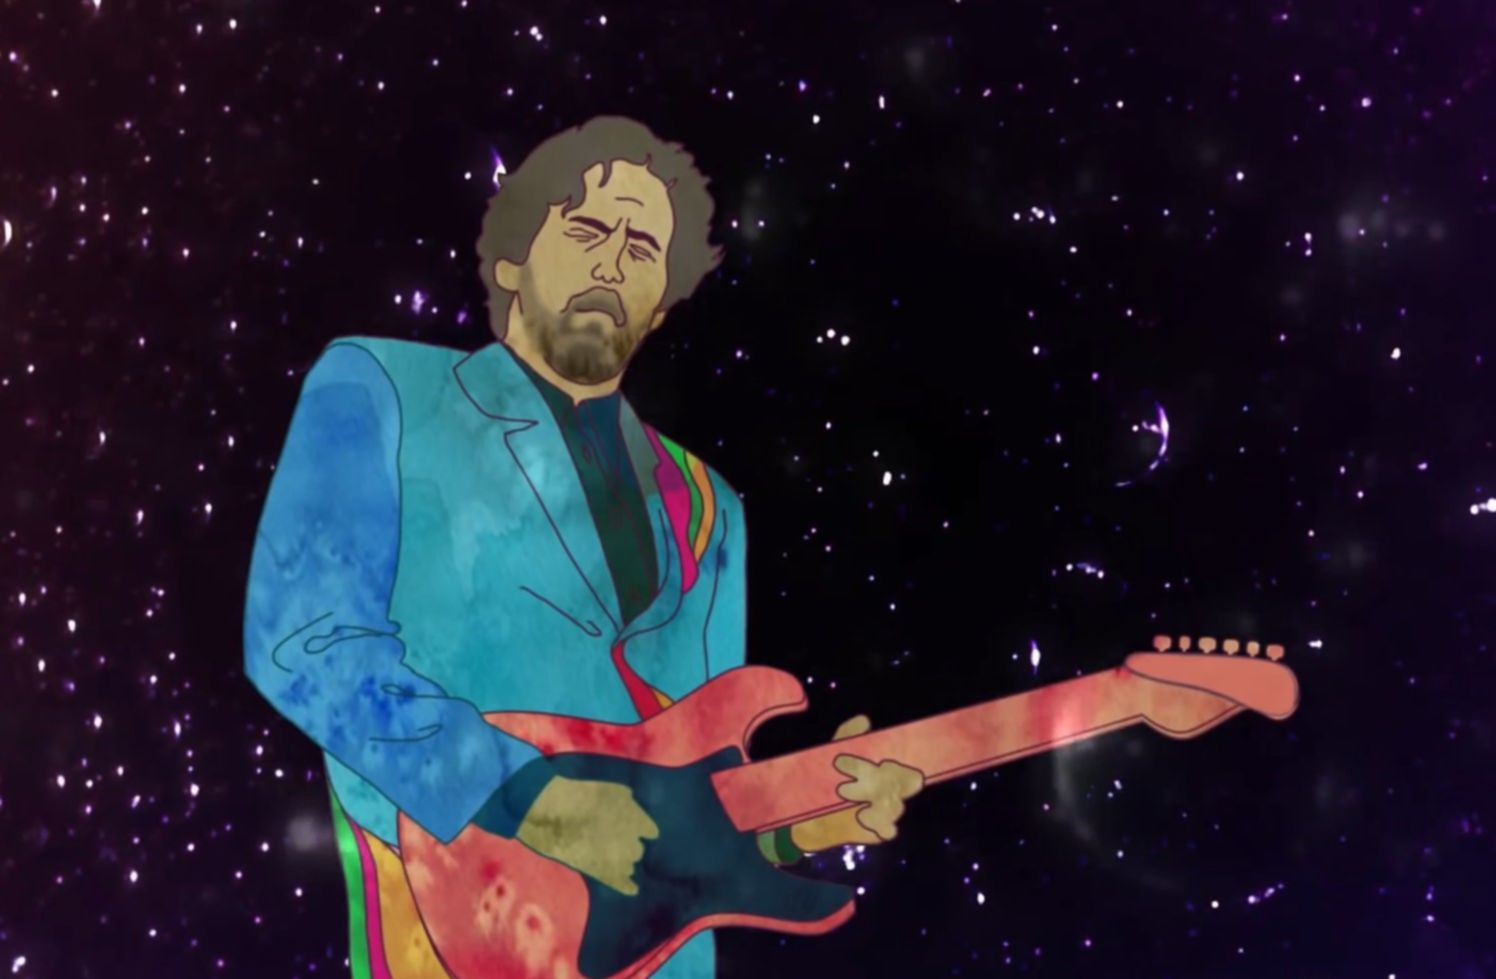 Eric Clapton spiral video still